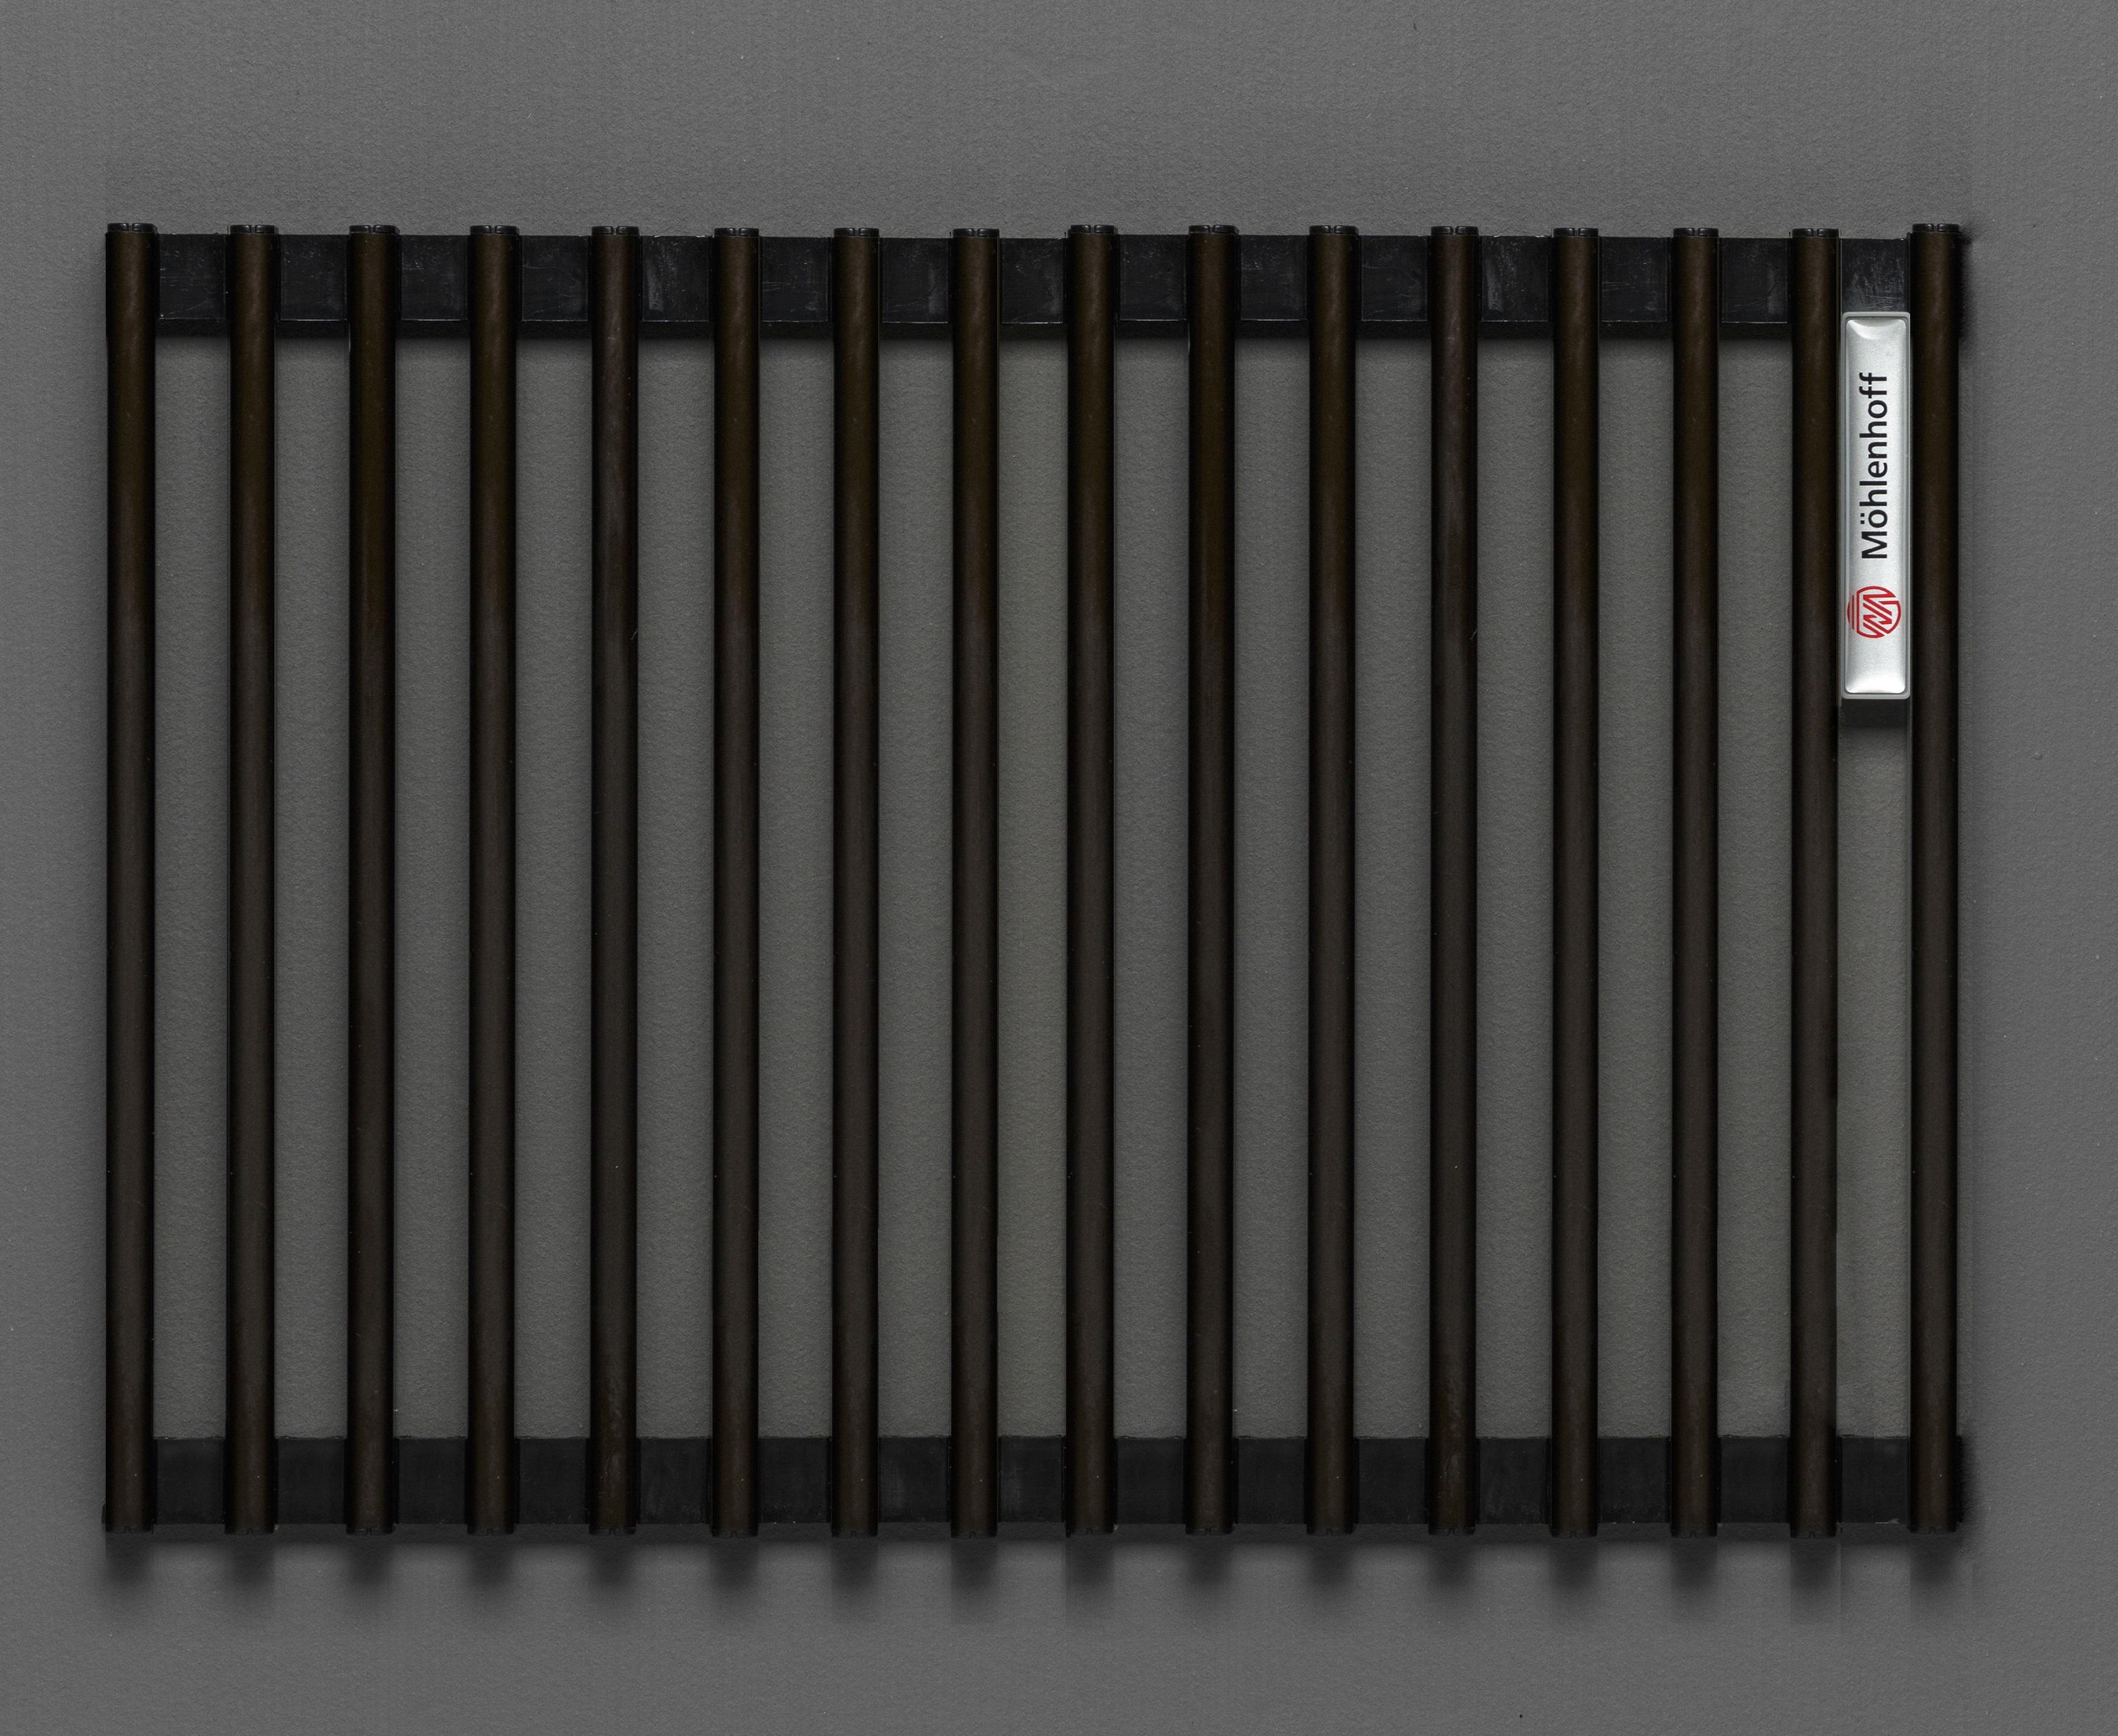 Купить Декоративная решётка Mohlenhoff темная бронза, шириной 360 мм 1 пог. м, Россия